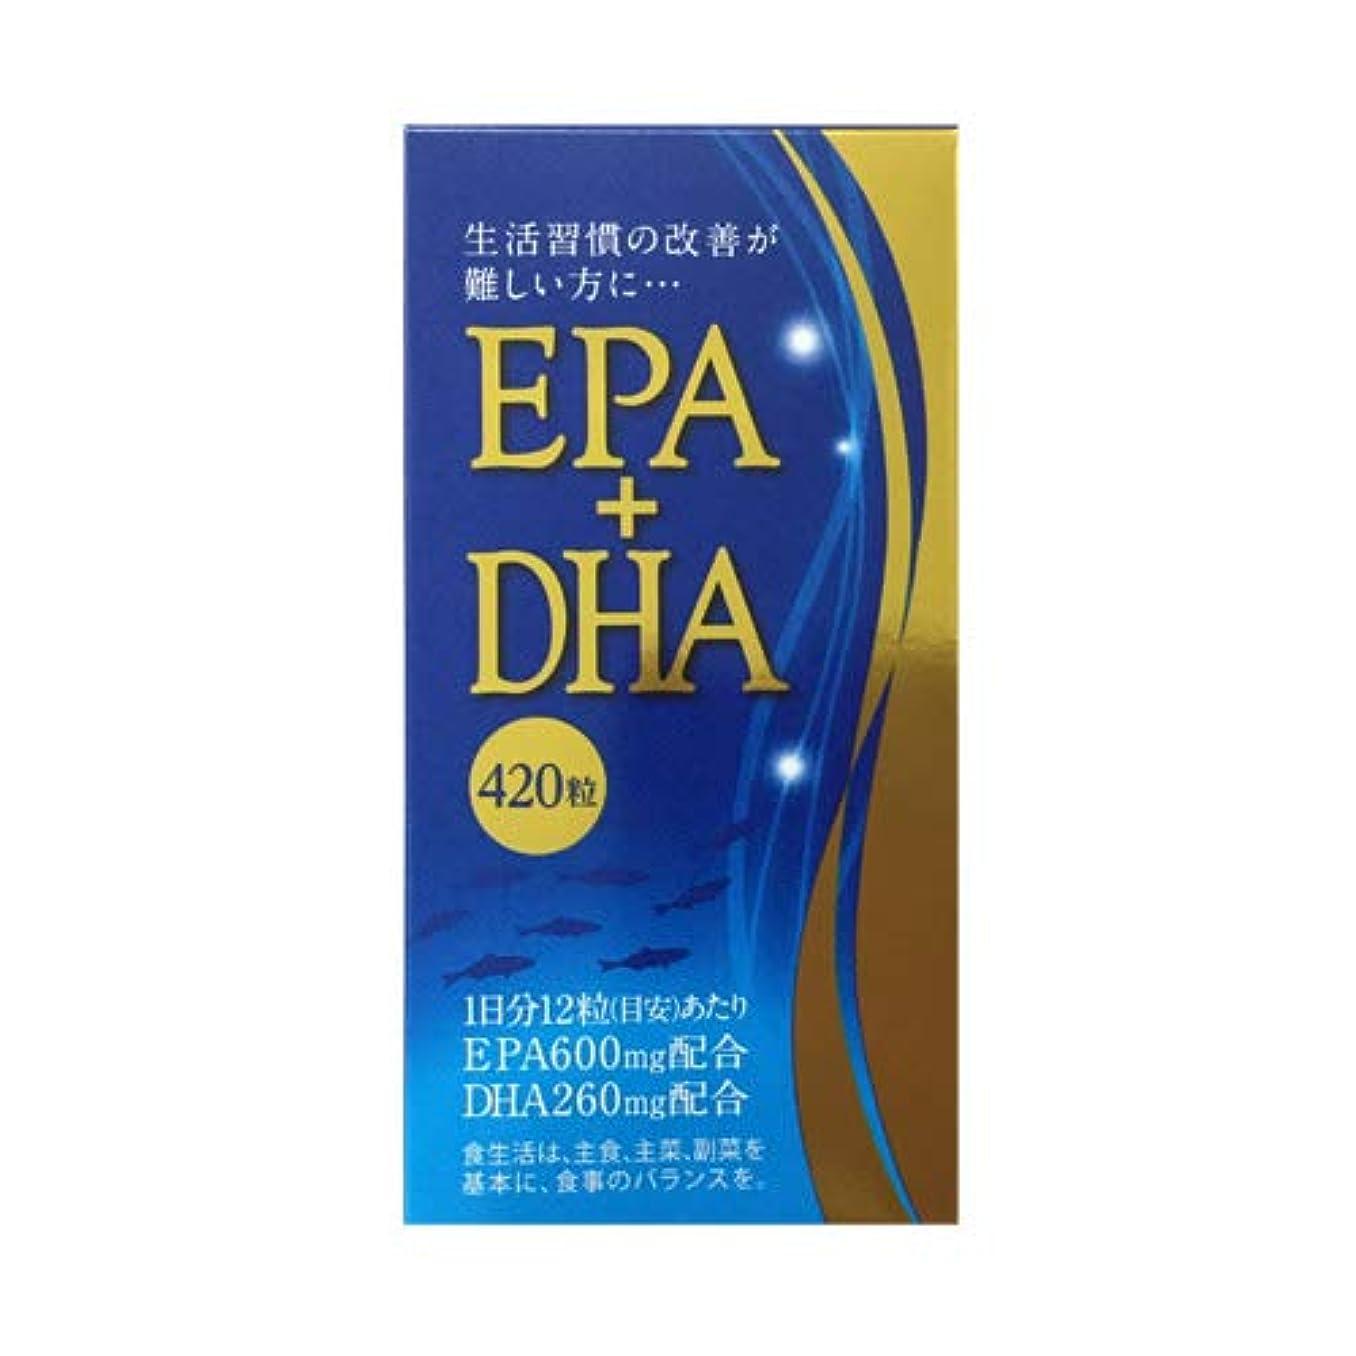 同封する階段相対的EPA+DHA 420粒